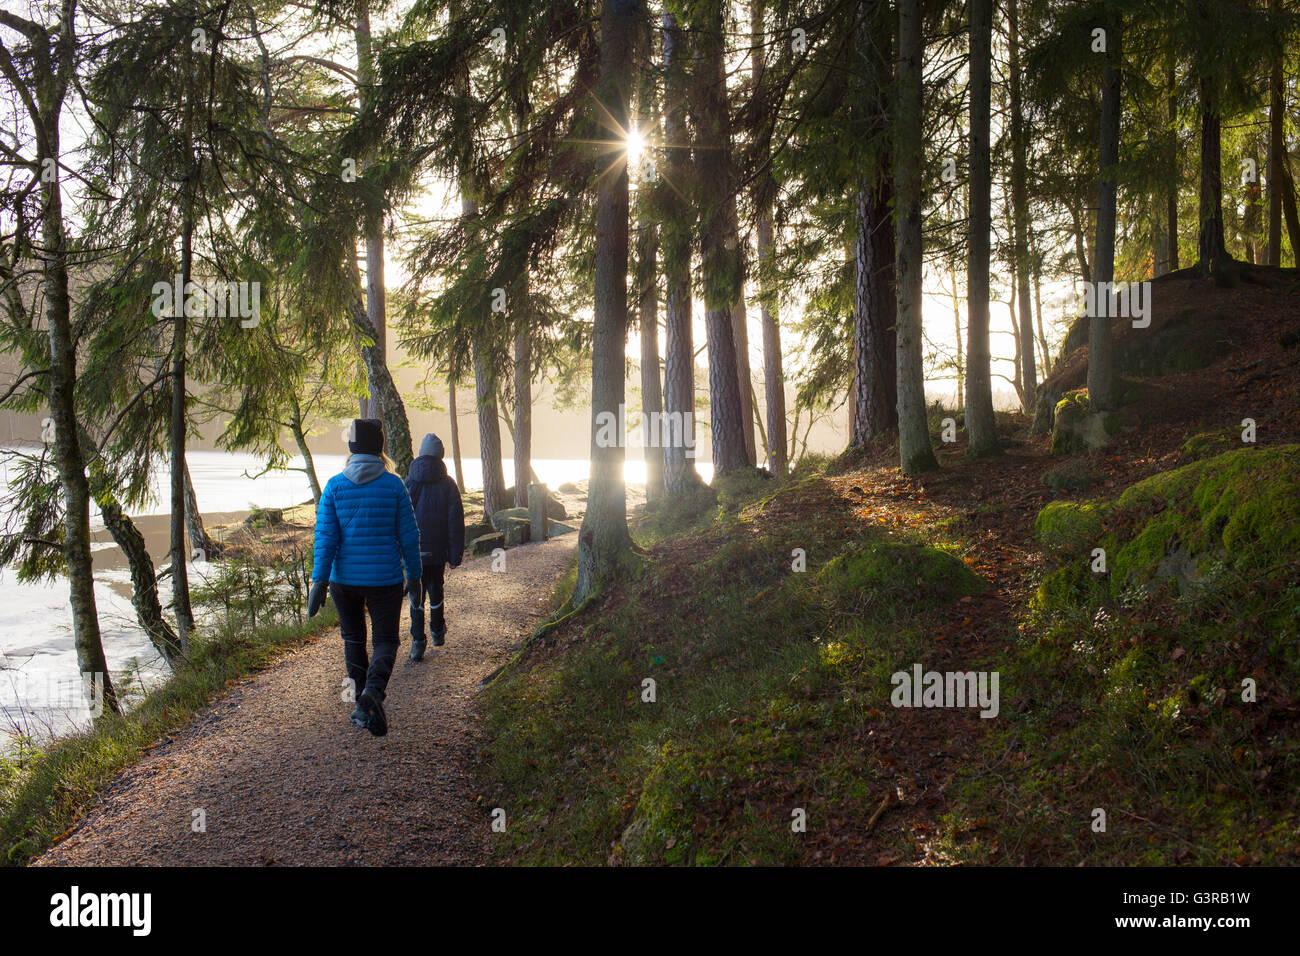 La Svezia, Vastergotland, Lerum, Stamsjon, madre e figlio (12-13) passeggiate in foresta Immagini Stock